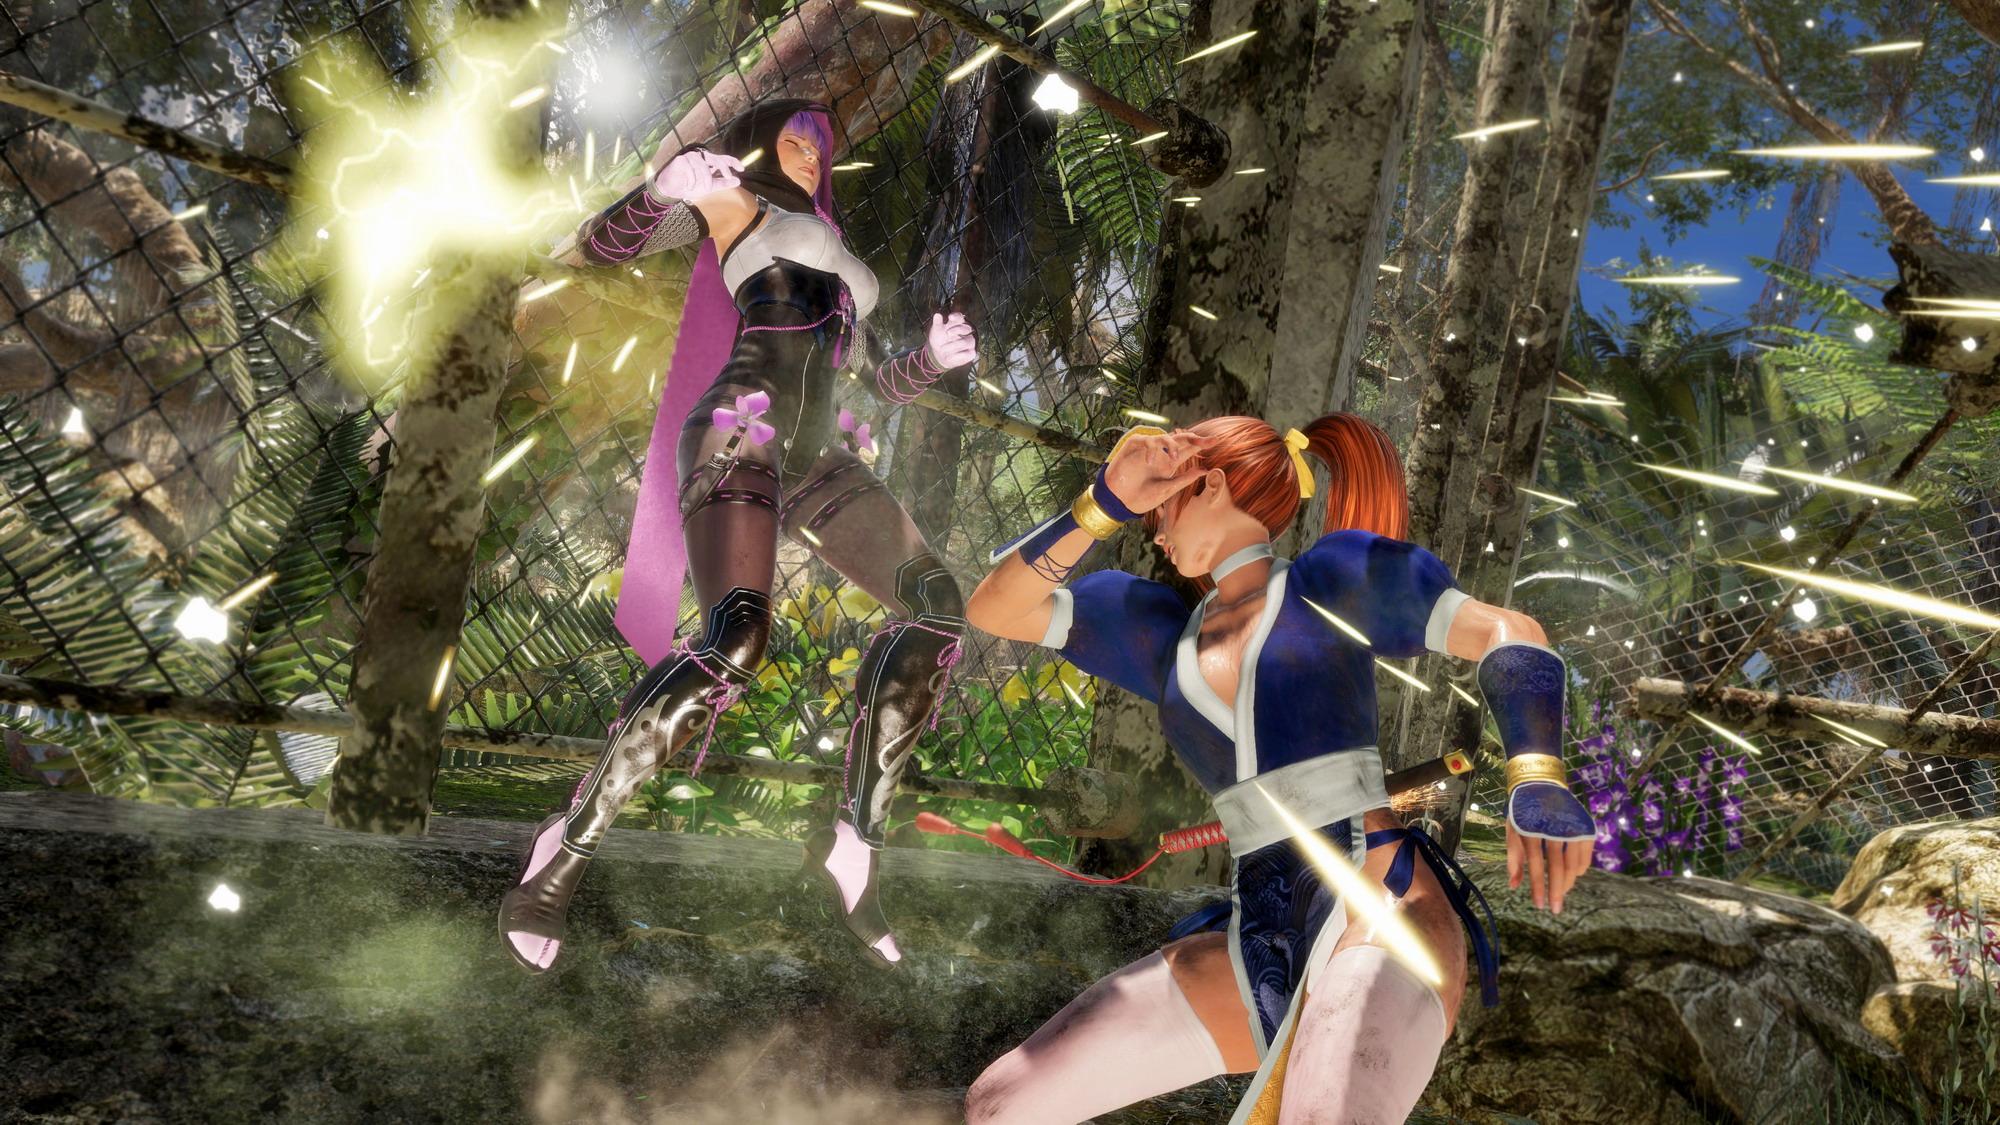 《生死格鬥6》新引擎將用於開發其它光榮特庫摩遊戲新作